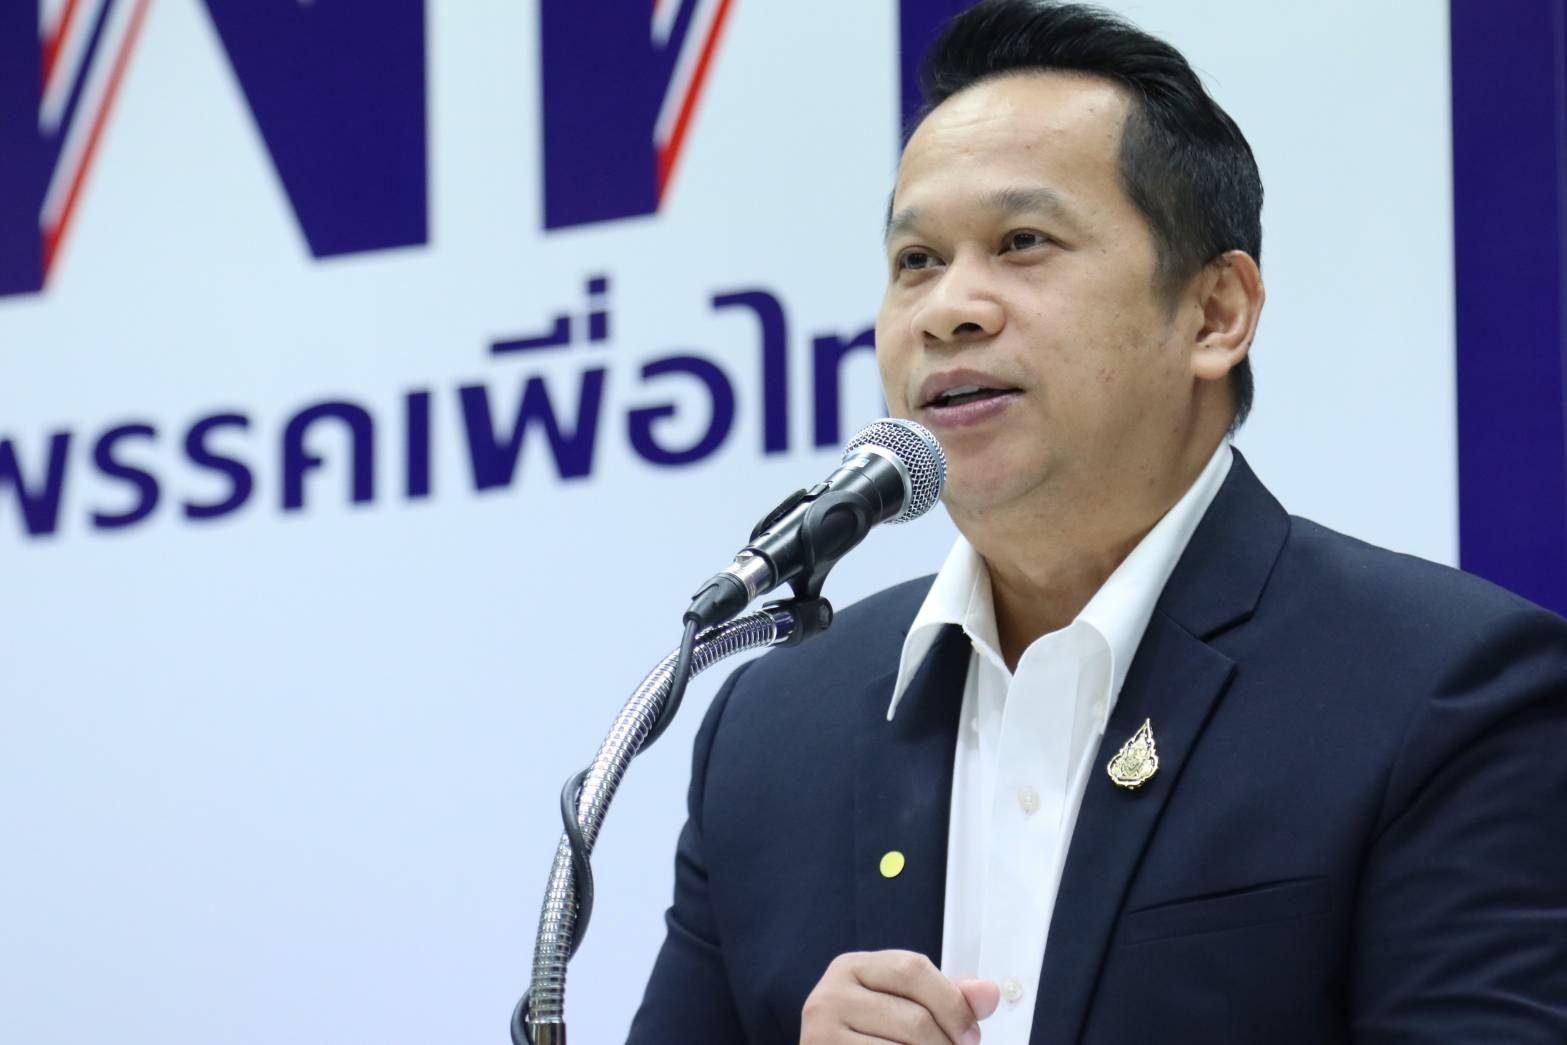 """""""เพื่อไทย"""" แนะรัฐฝ่อนปรนมาตรการเคอร์ฟิว ให้กิจกรรมเศรษฐกิจบางอย่างเดินหน้าได้"""